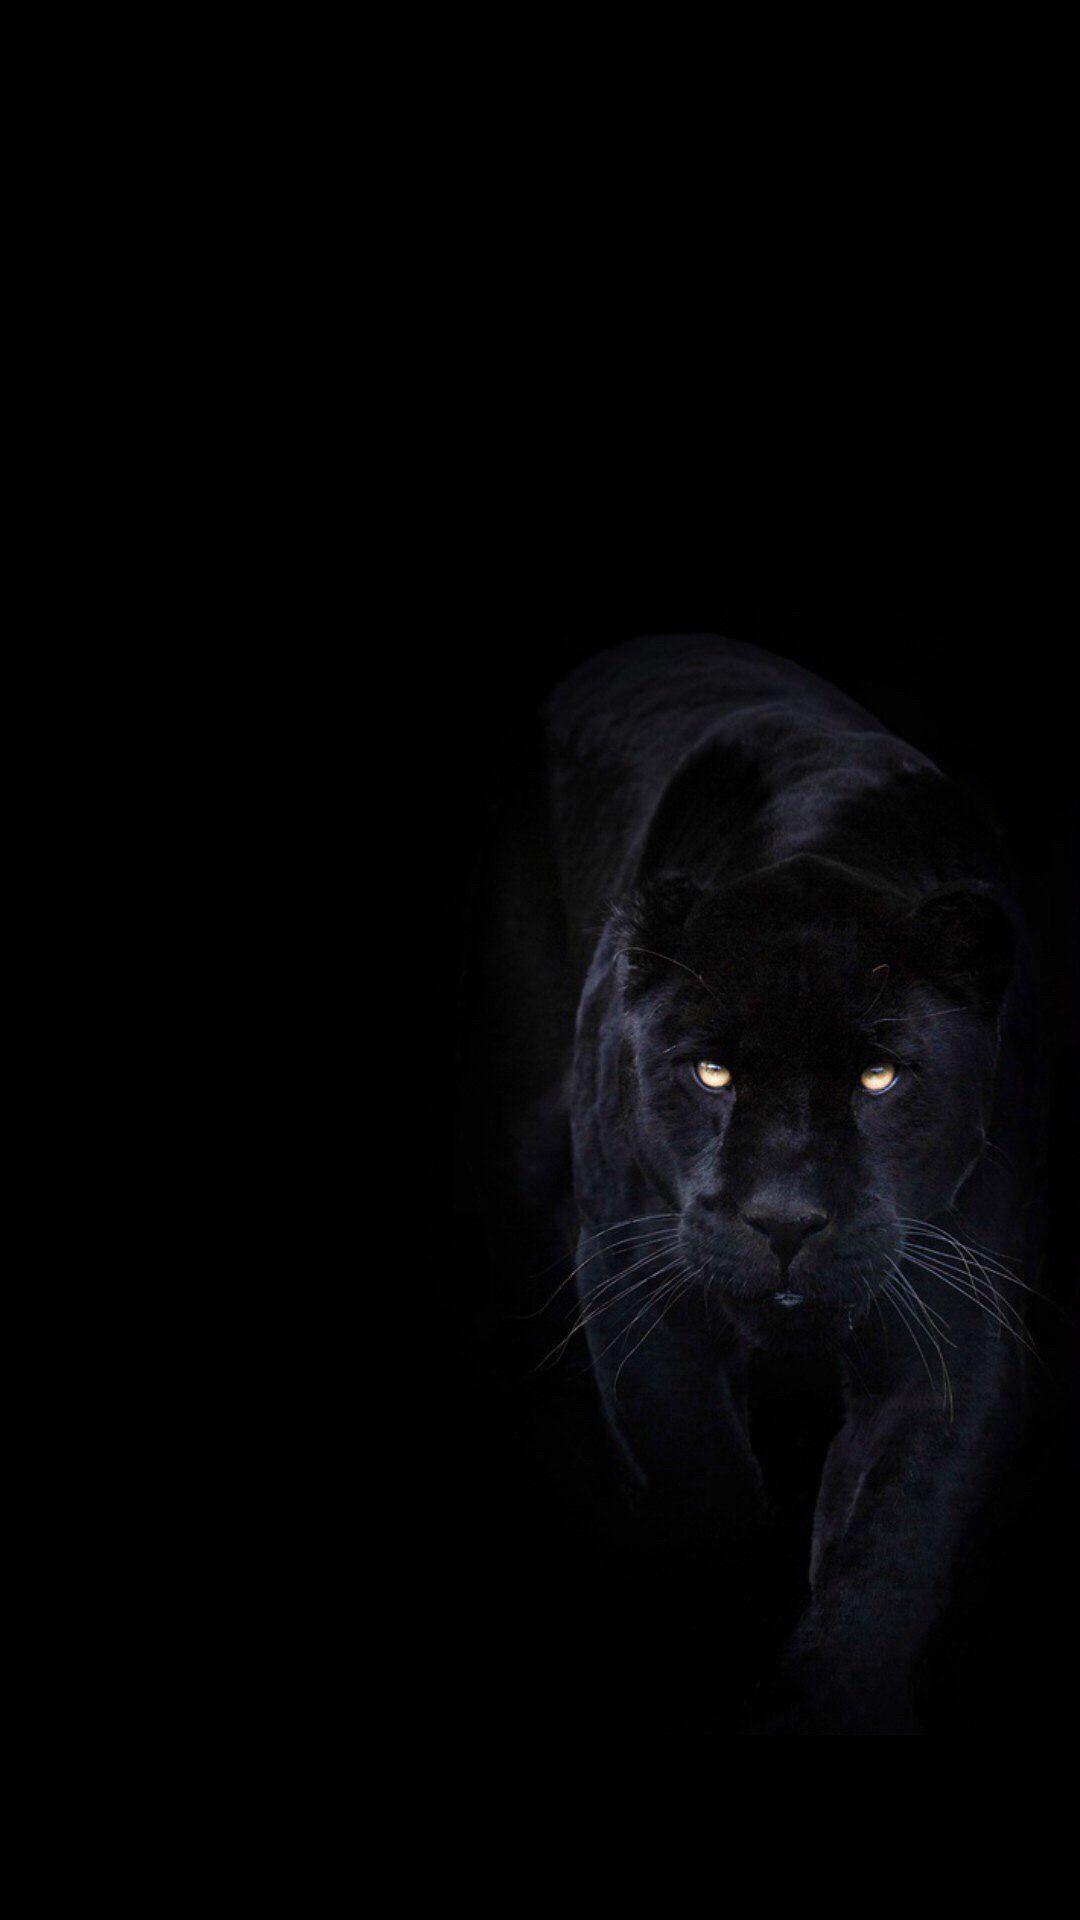 Обои Чёрная. Животные foto 6